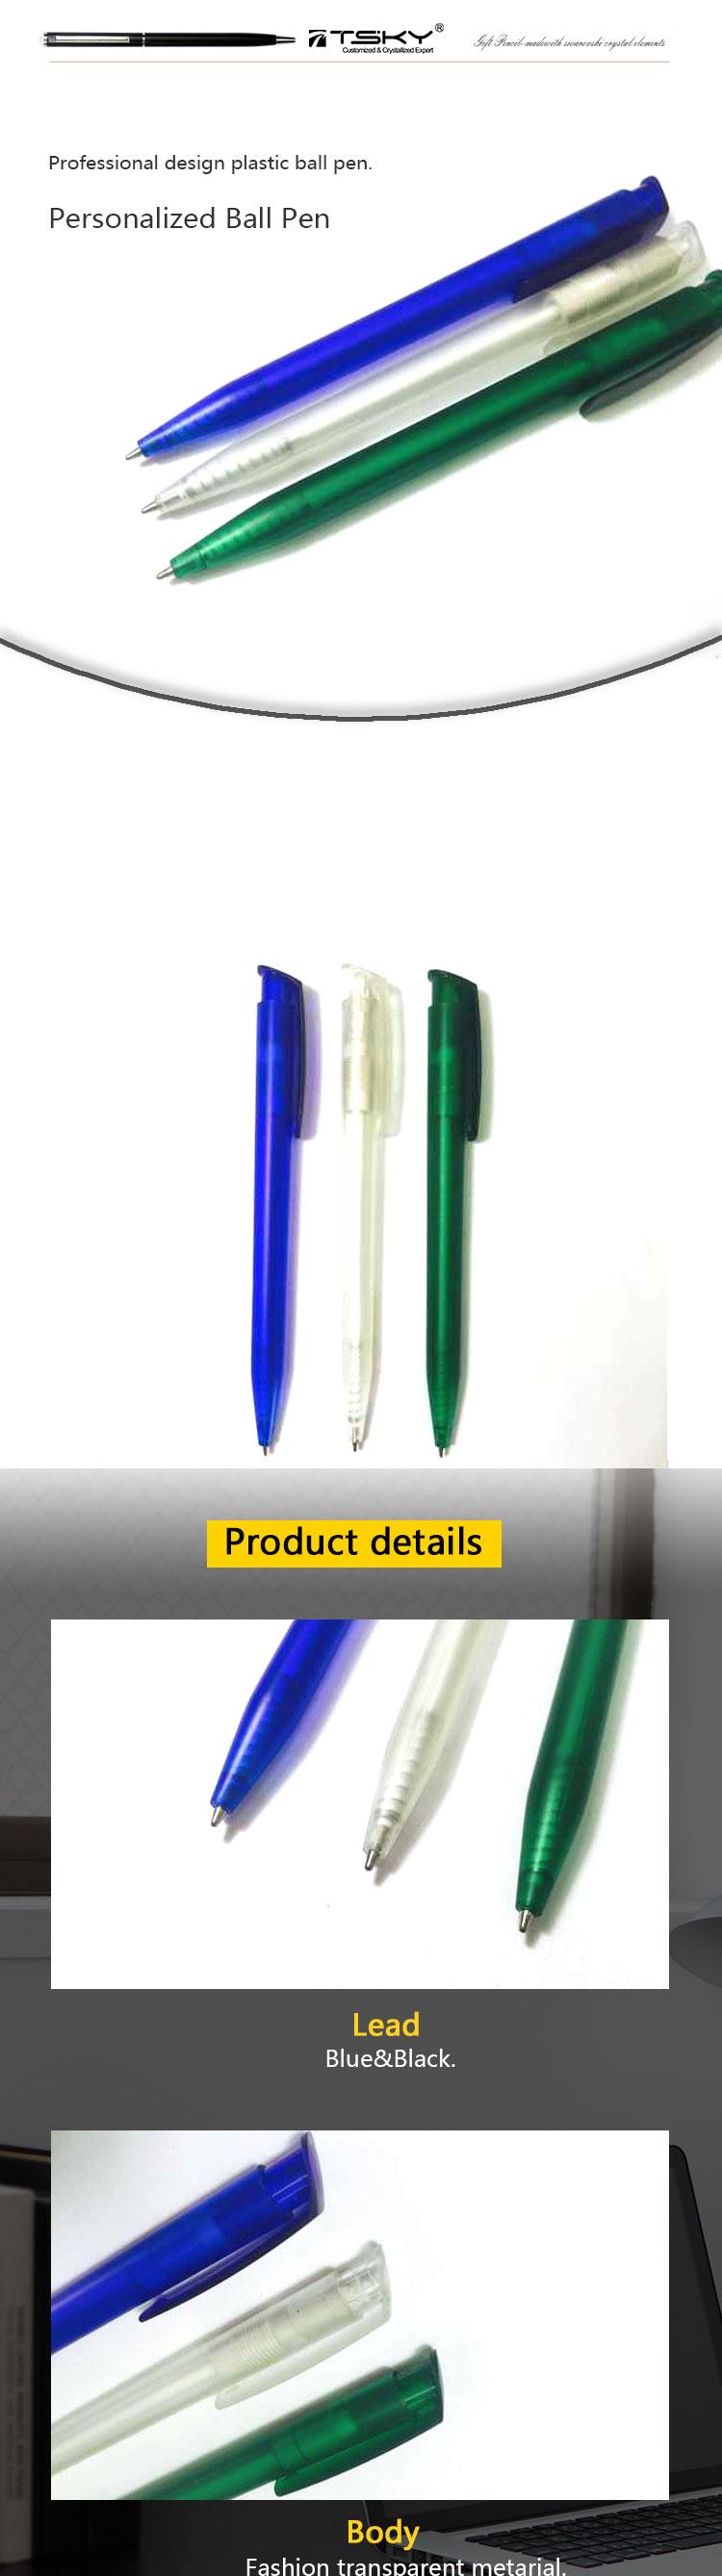 Персонализированные пластиковый прозрачный настроить ручка